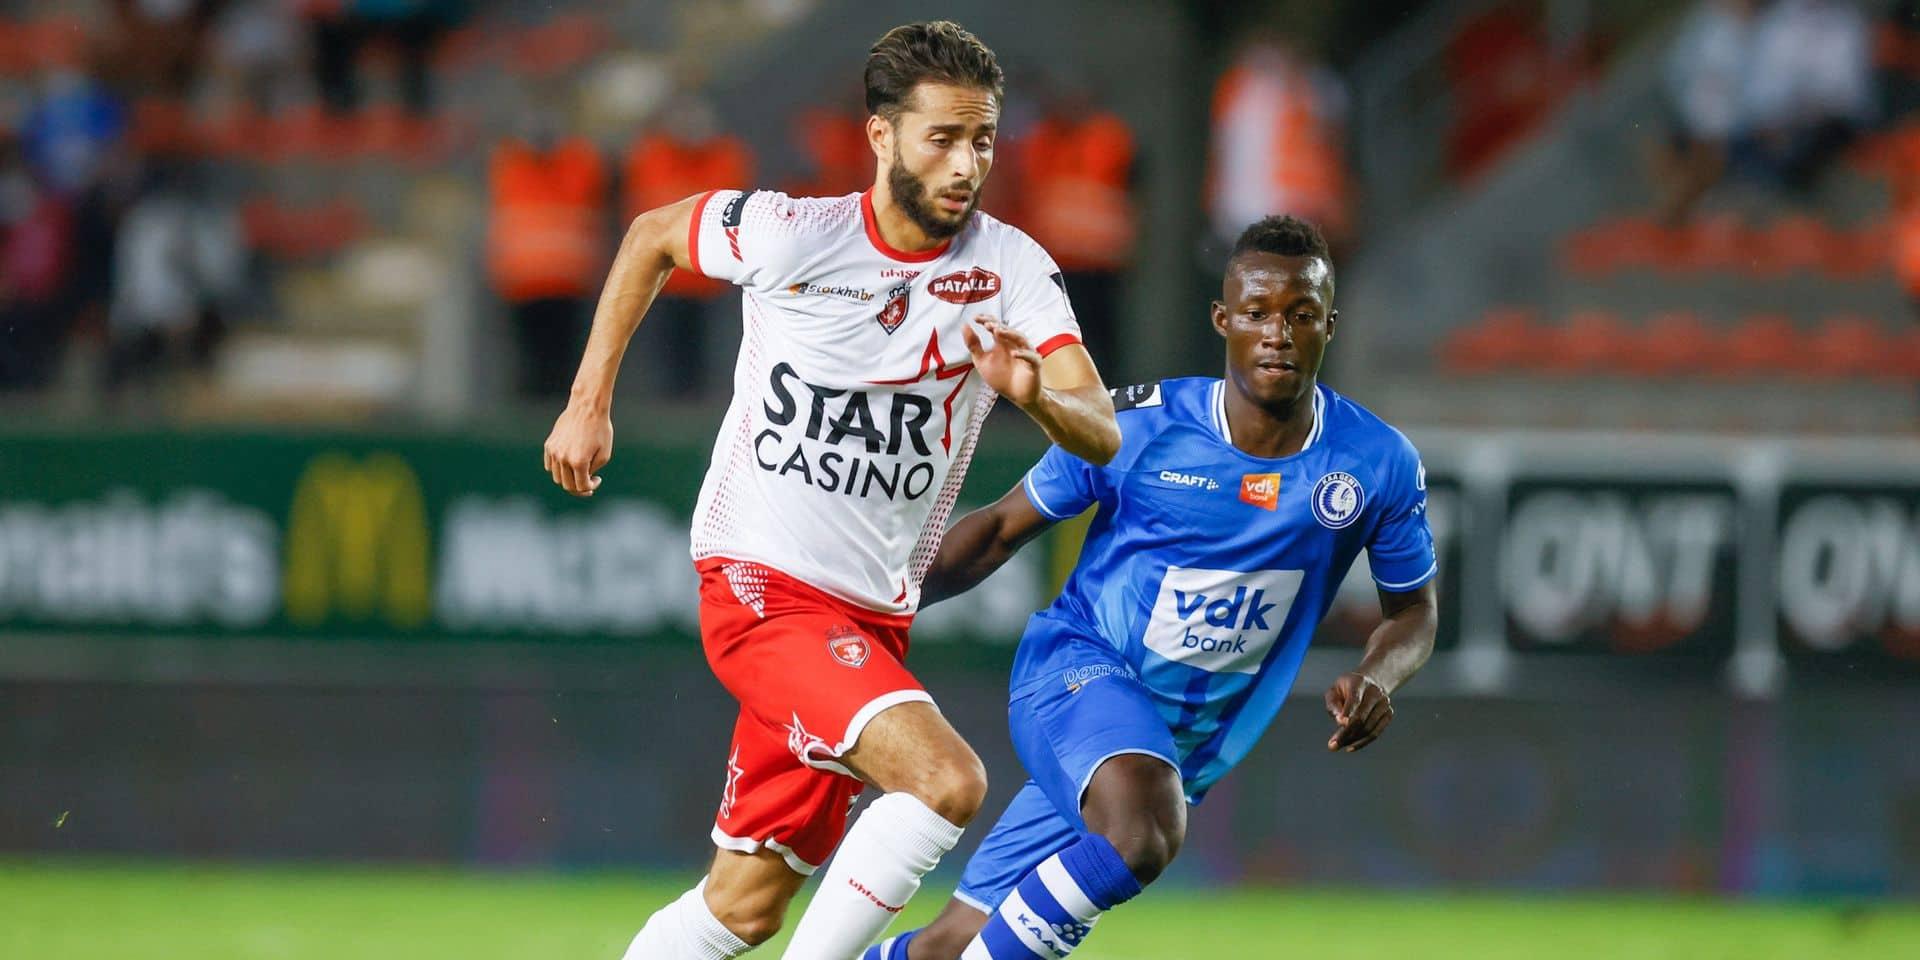 """Avec de nombreuses indisponibilités, L'Excel Mouscron veut jouer sans complexe face à Charleroi : """"Nous n'avons rien à perdre, il faut oser tenter"""""""